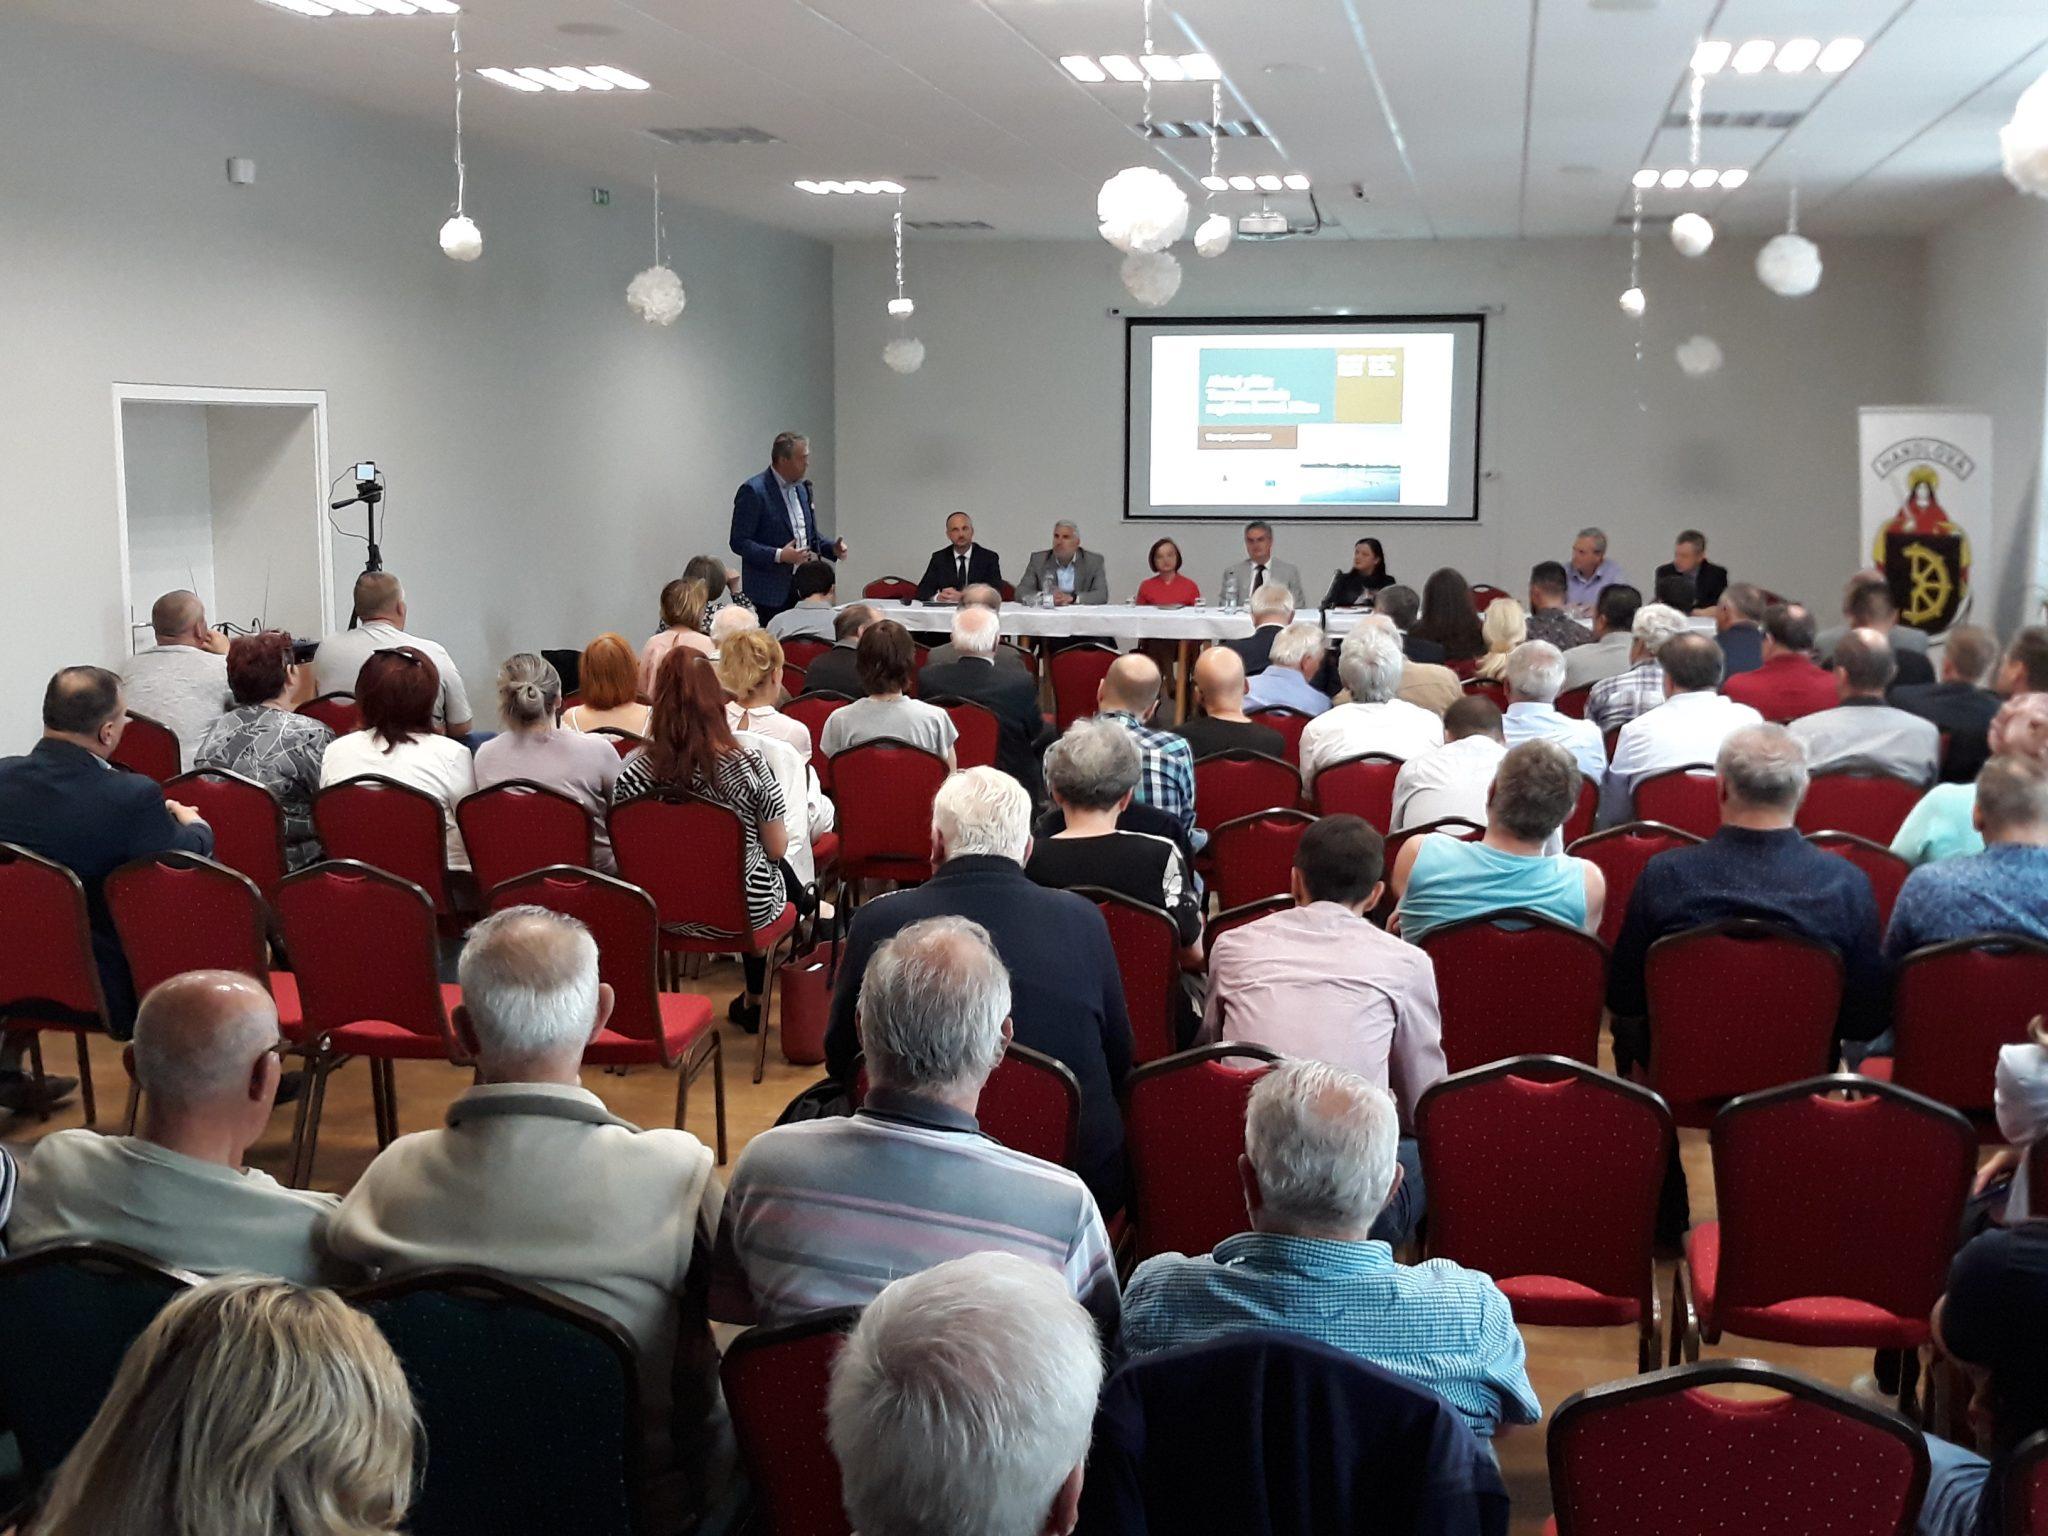 V Handlovej sme zorganizovali prvé verejné pripomienkovanie Akčného plánu regiónu horná Nitra